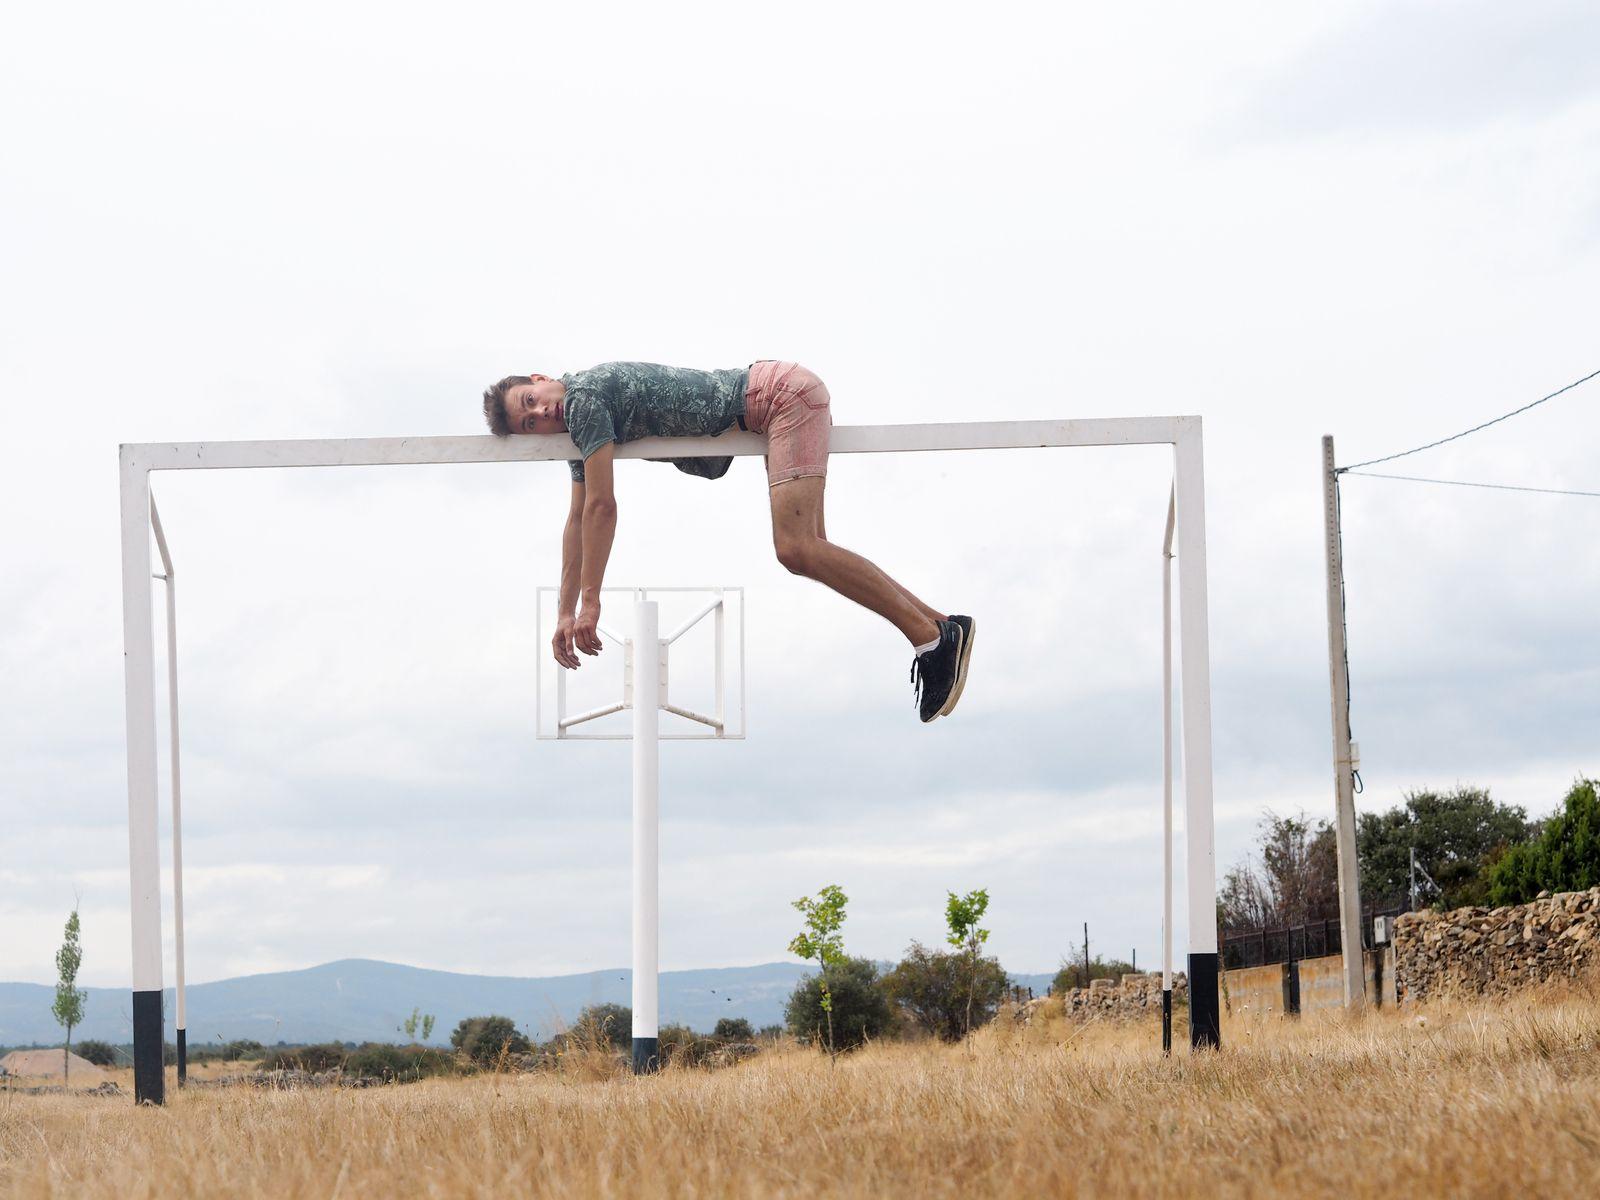 Full Length Of Man Lying On Soccer Goal Post Against Sky